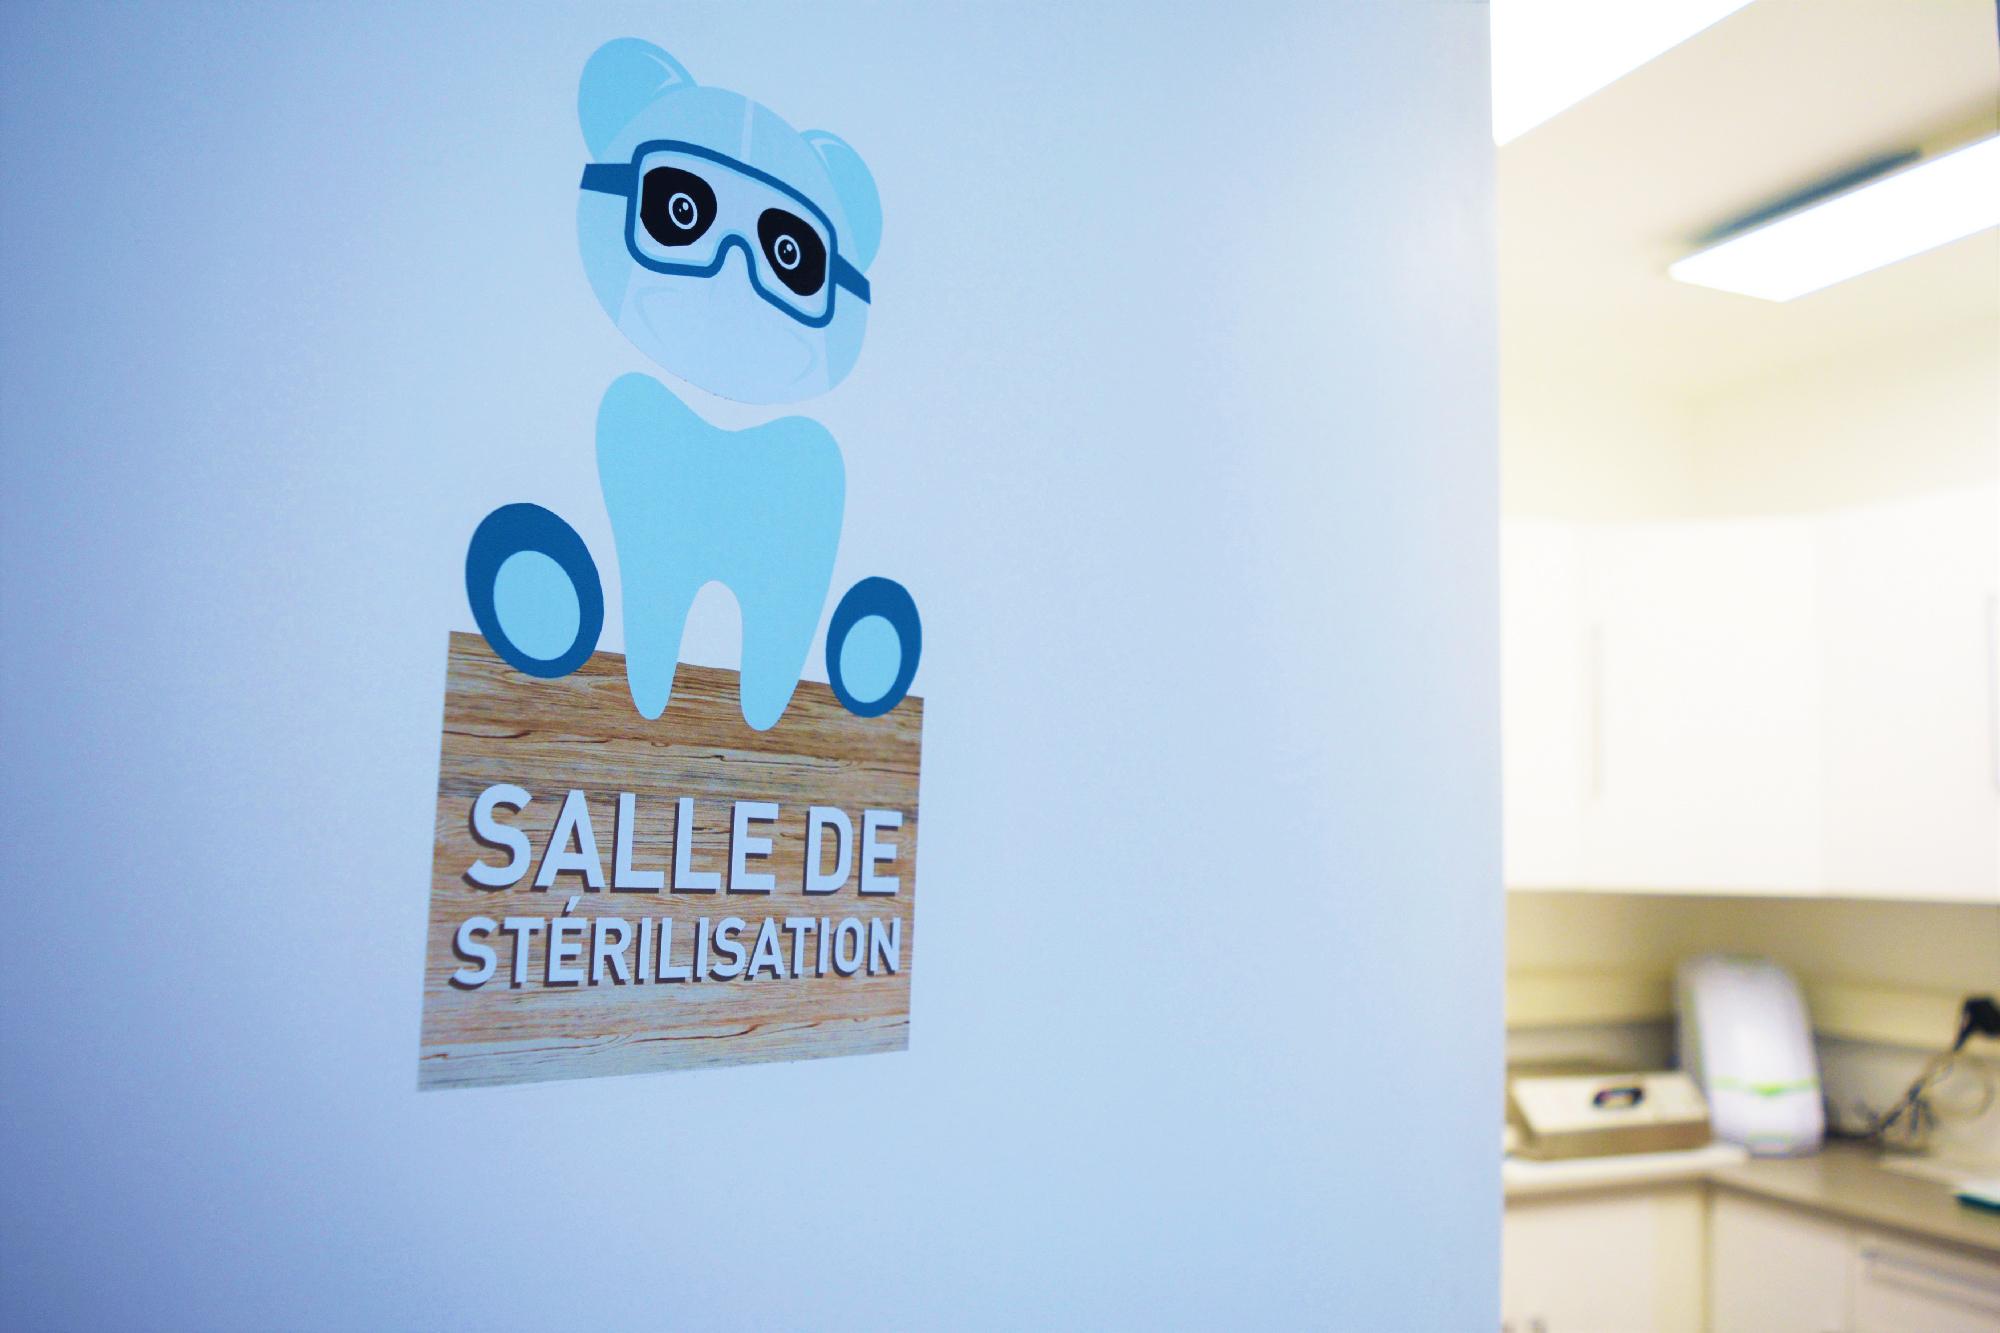 Salle de stérilisation du cabinet